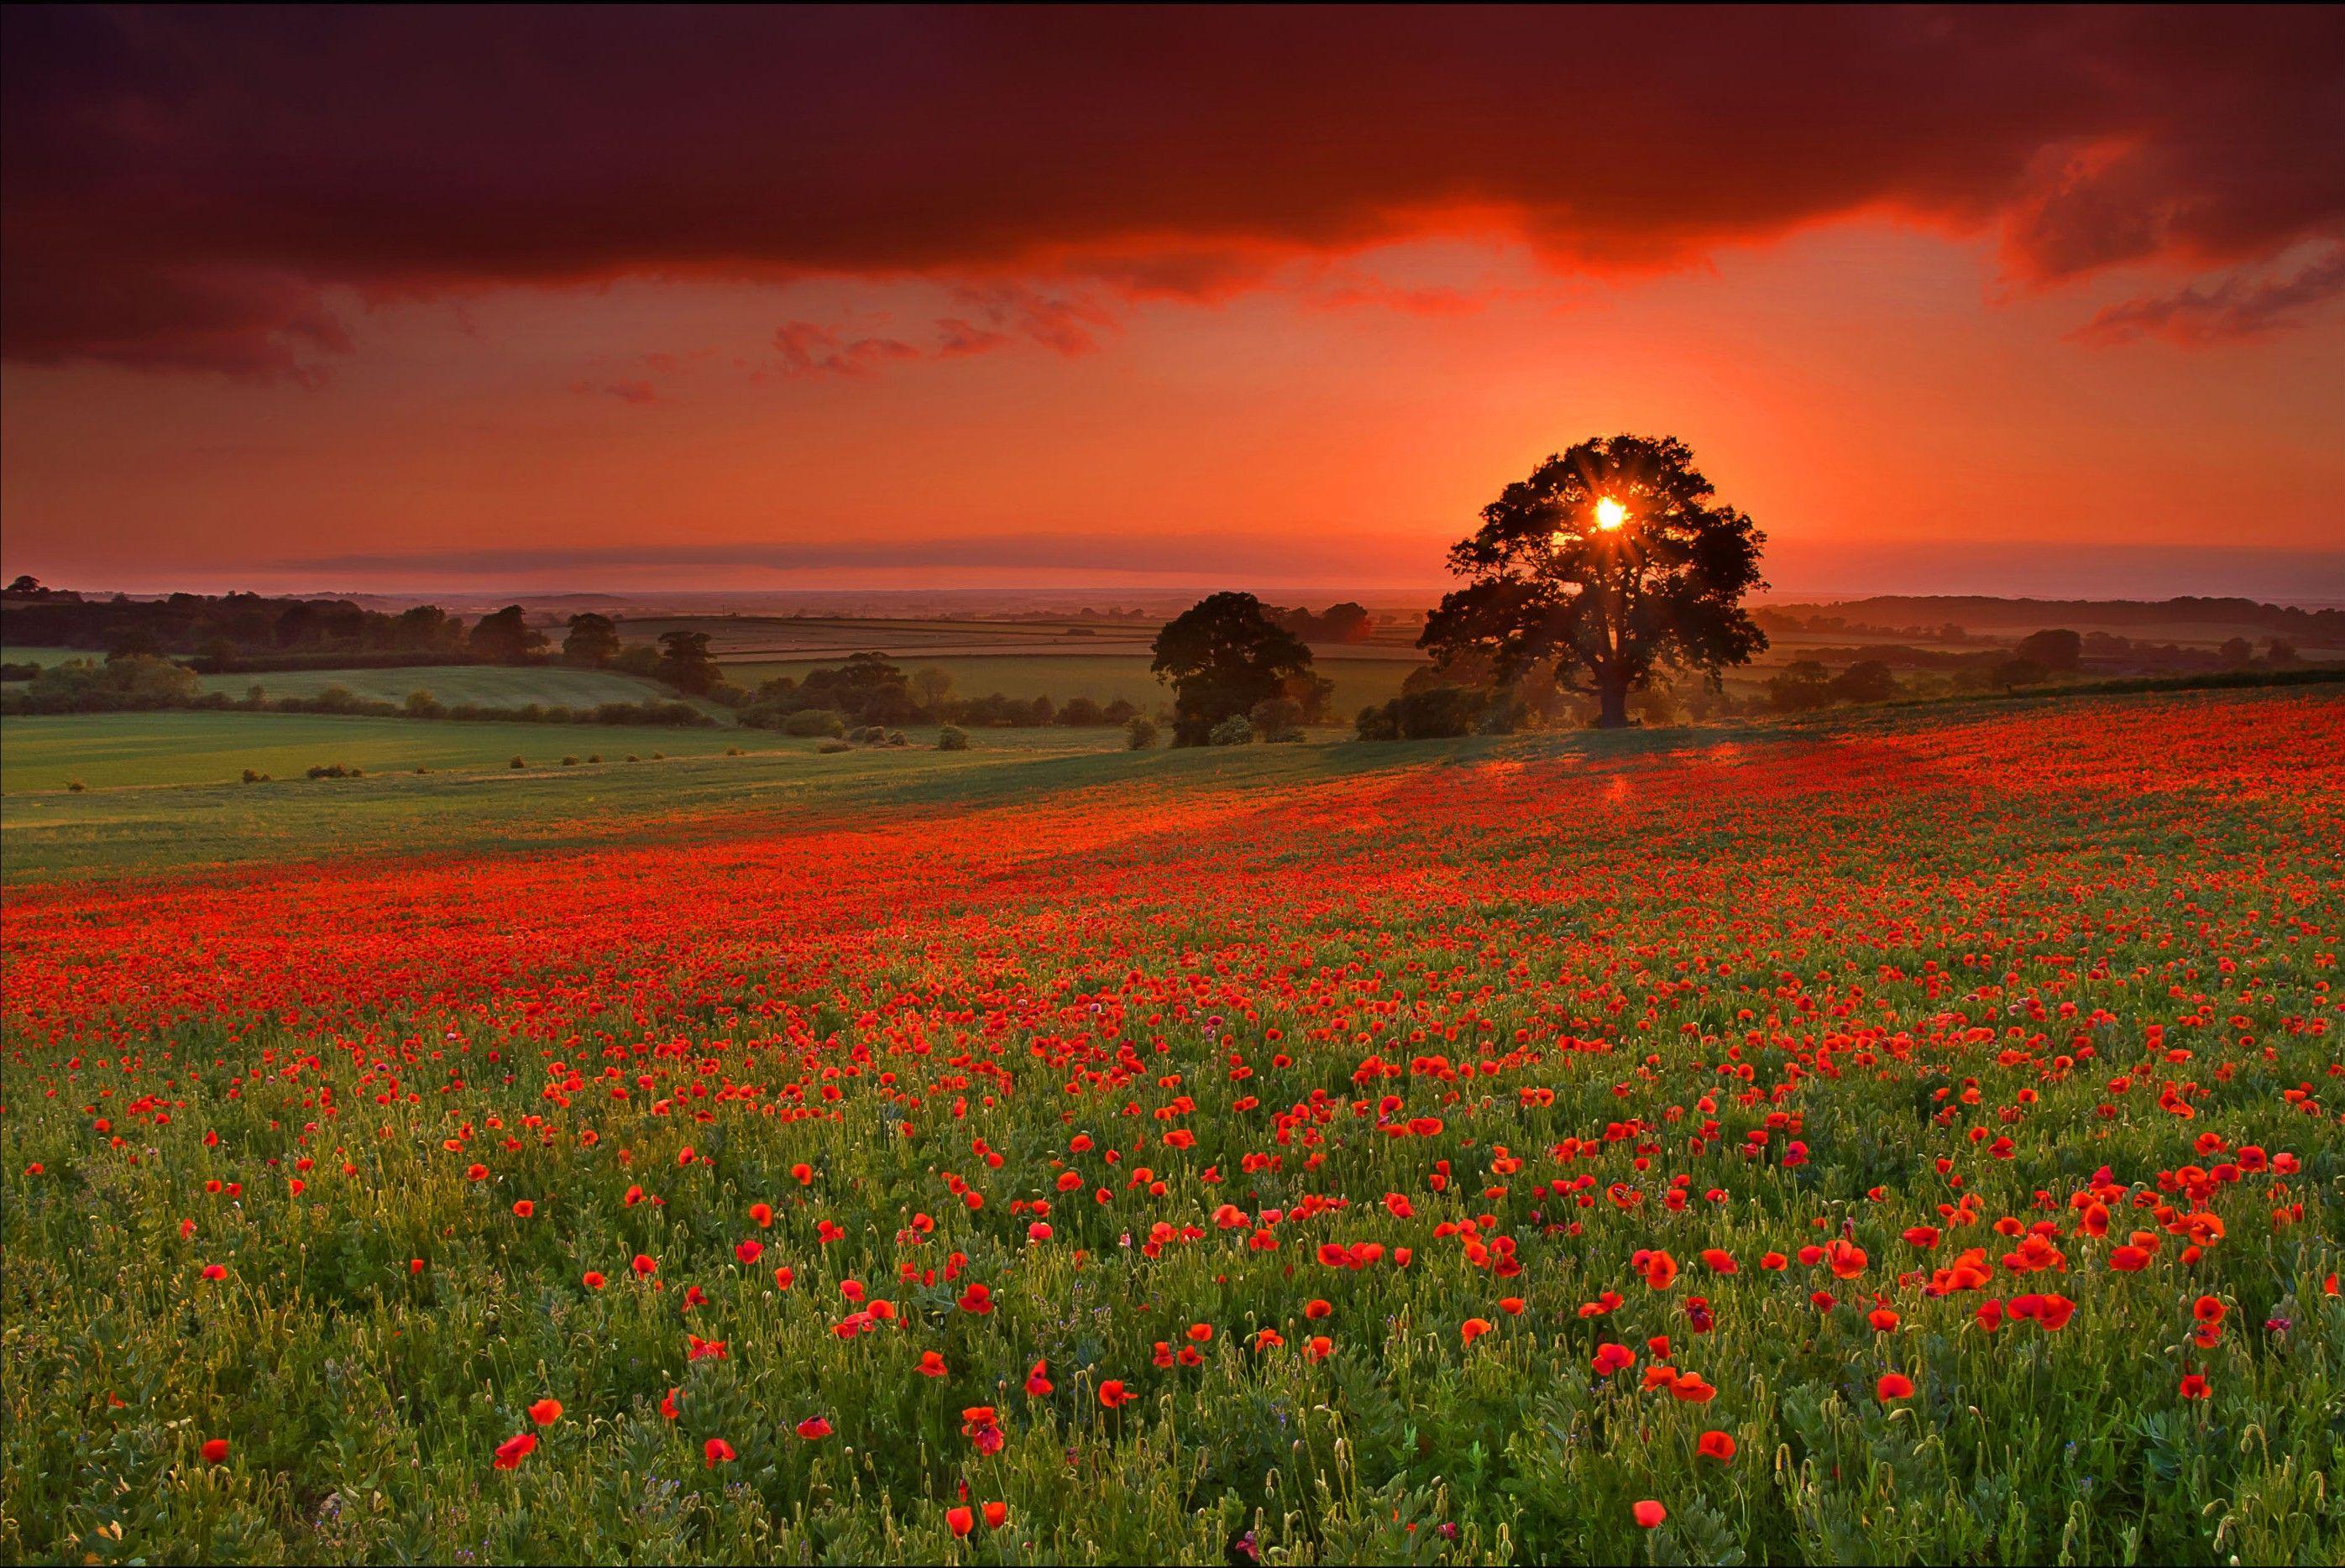 Epingle Par Melanie Lataste Sur Nature Et Beaute Paysage Rouge Paysage Fond Ecran Hd